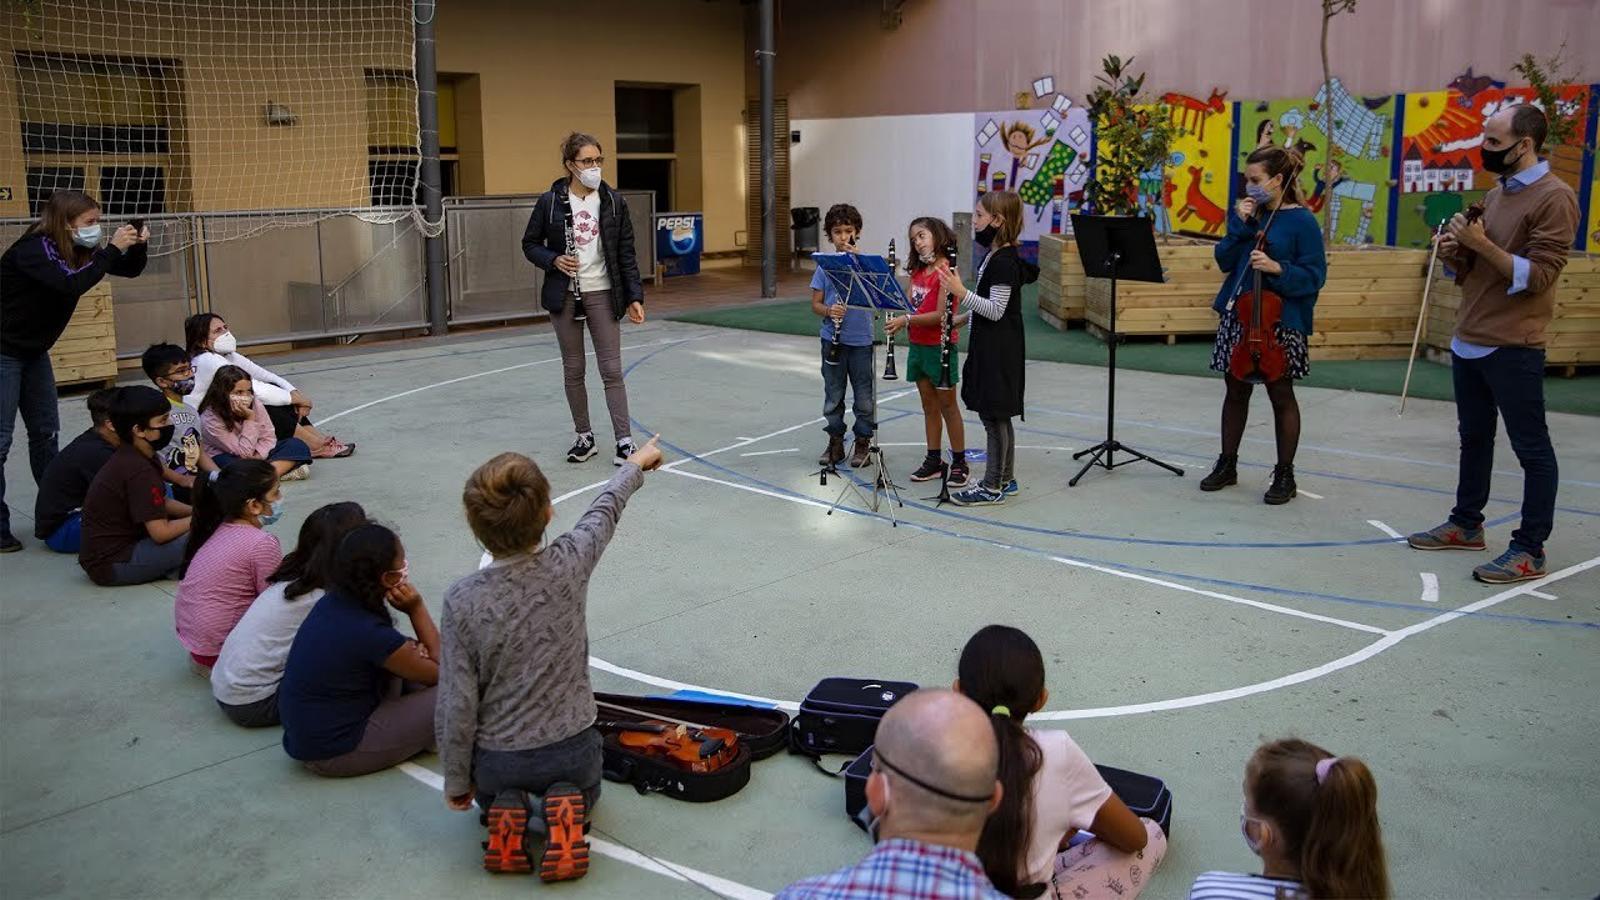 Tocar un instrument en horari lectiu com a eina per relacionar-se amb la comunitat